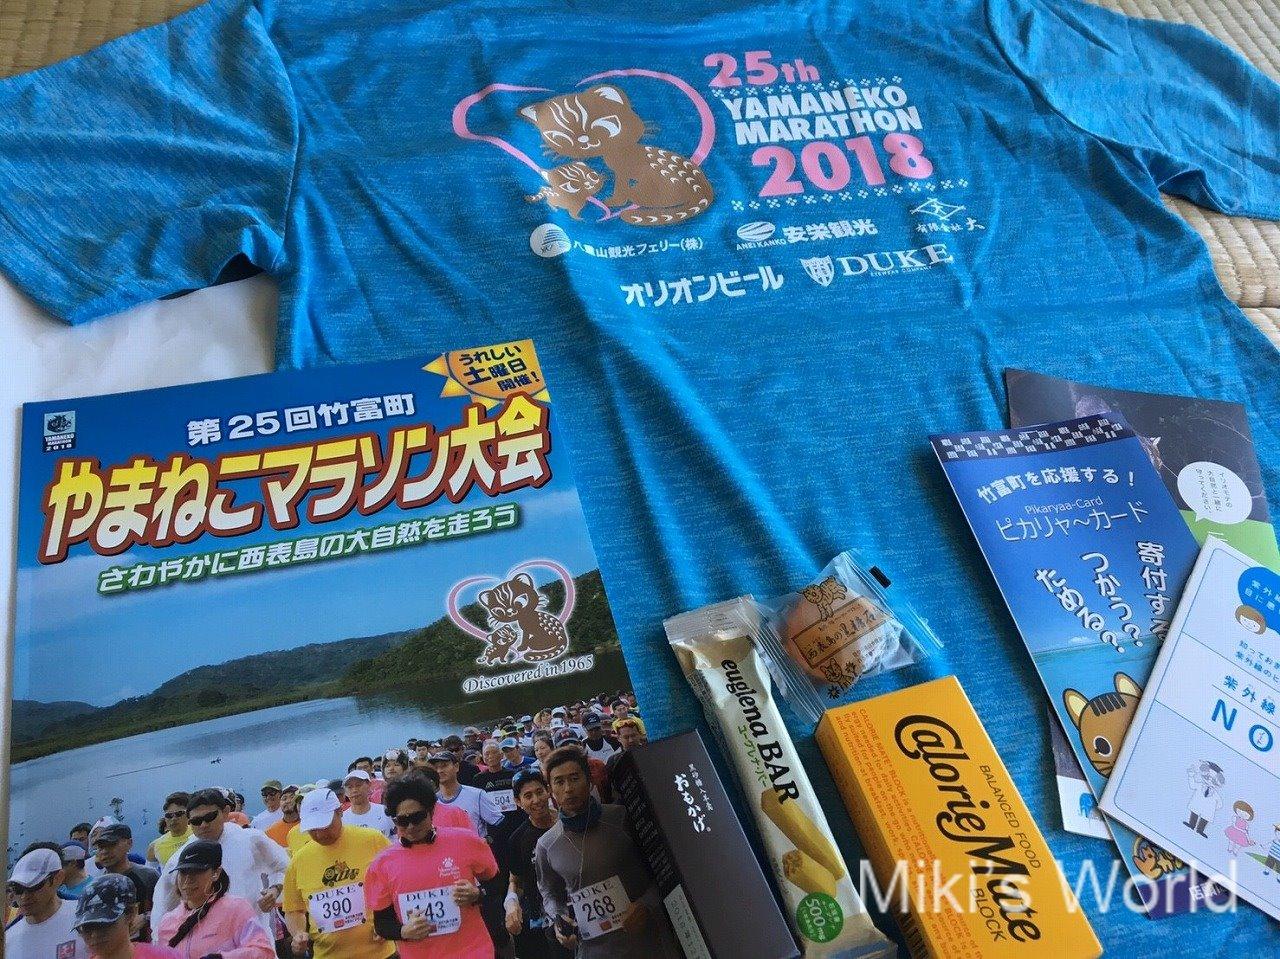 2018やまねこマラソン23キロ完走後の気づき2 ぶっつけ本番でもなんとかなったけど次は試したい